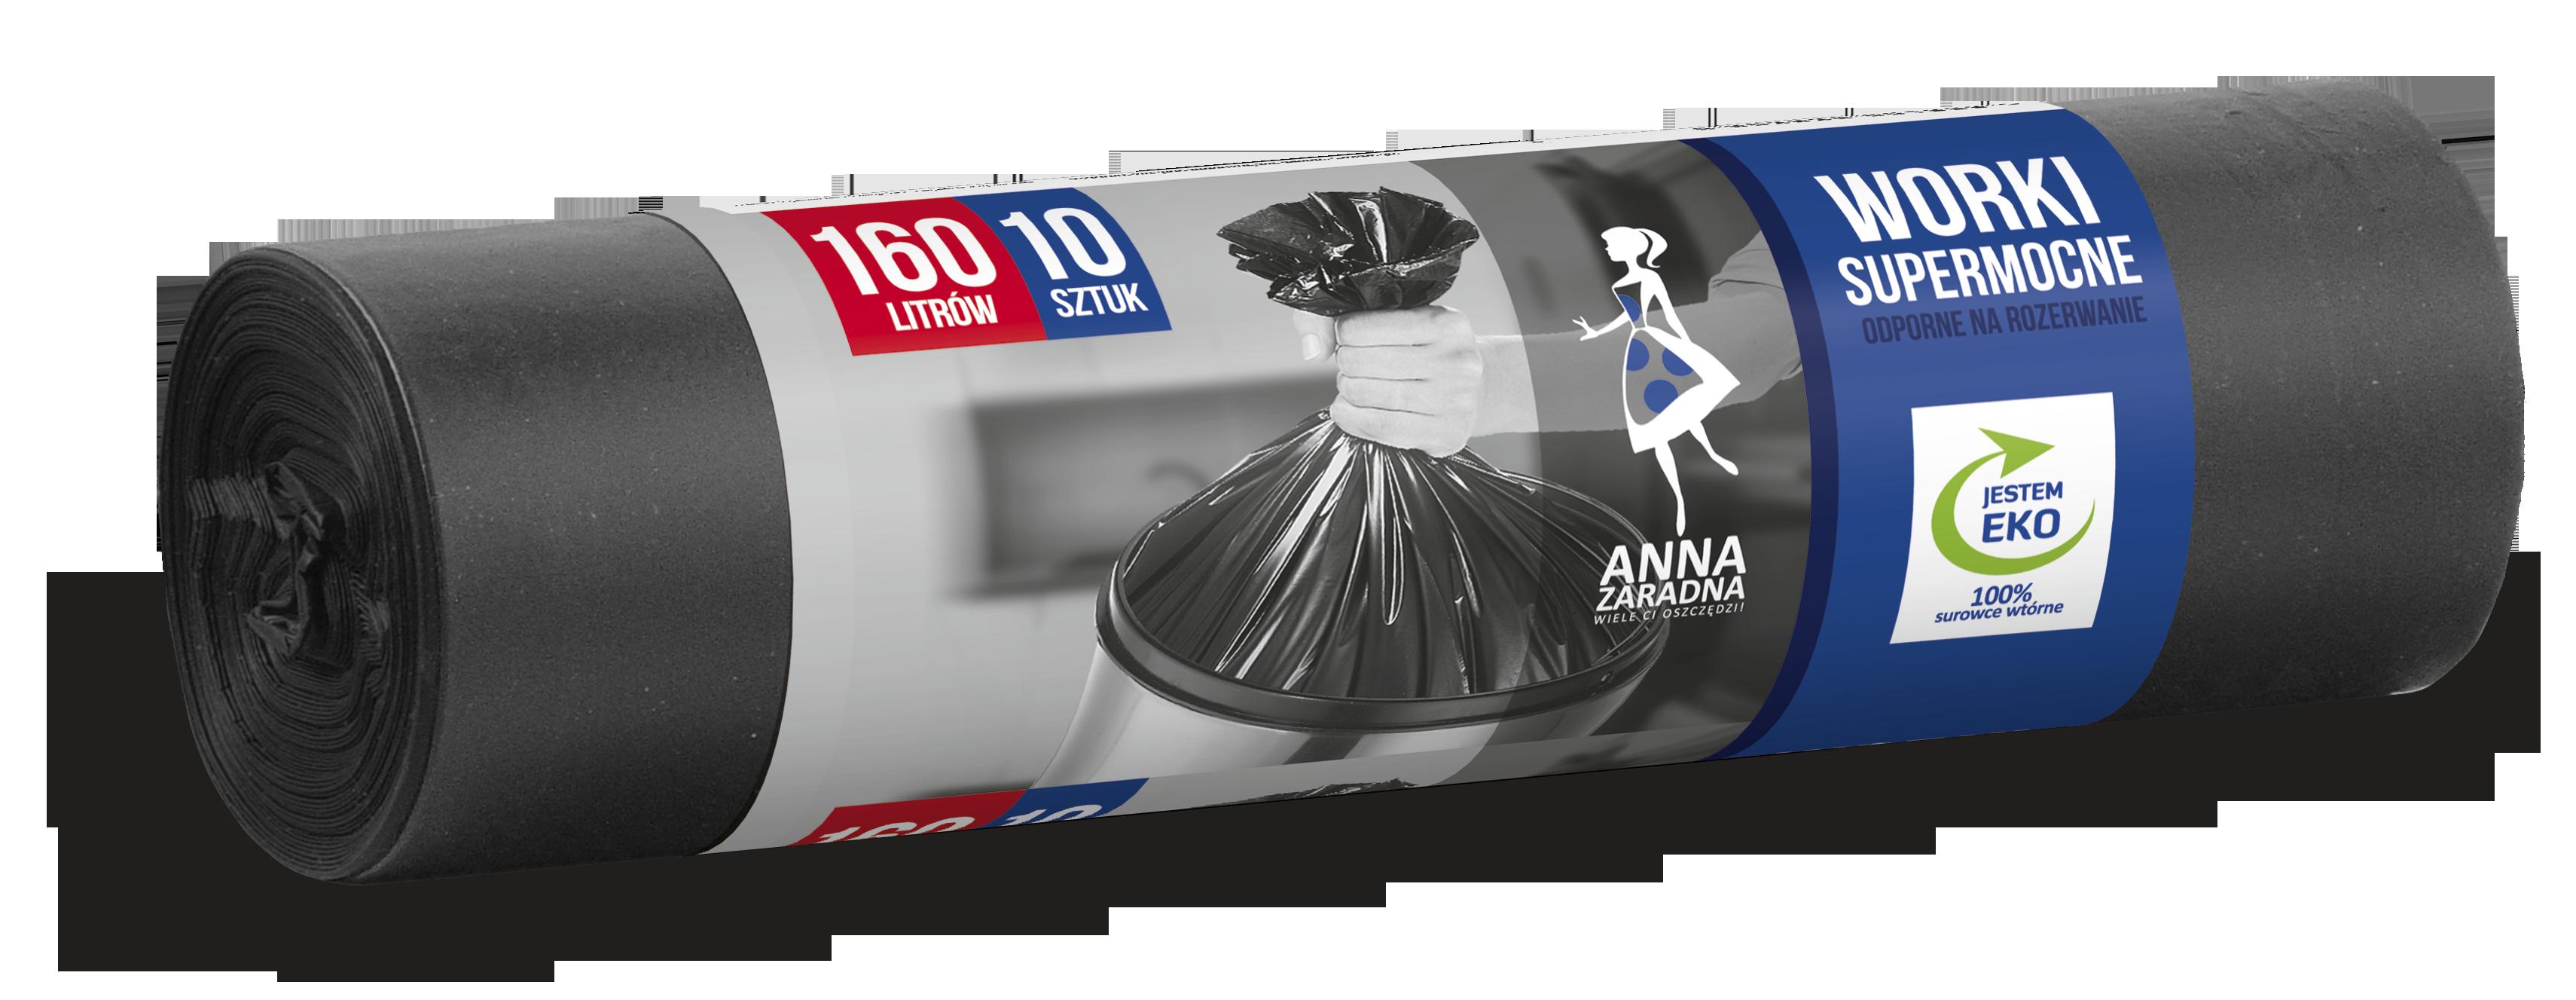 Worki na śmieci SUPERMOCNE LDPE 160L 10szt. czarne ANNA ZARADNA